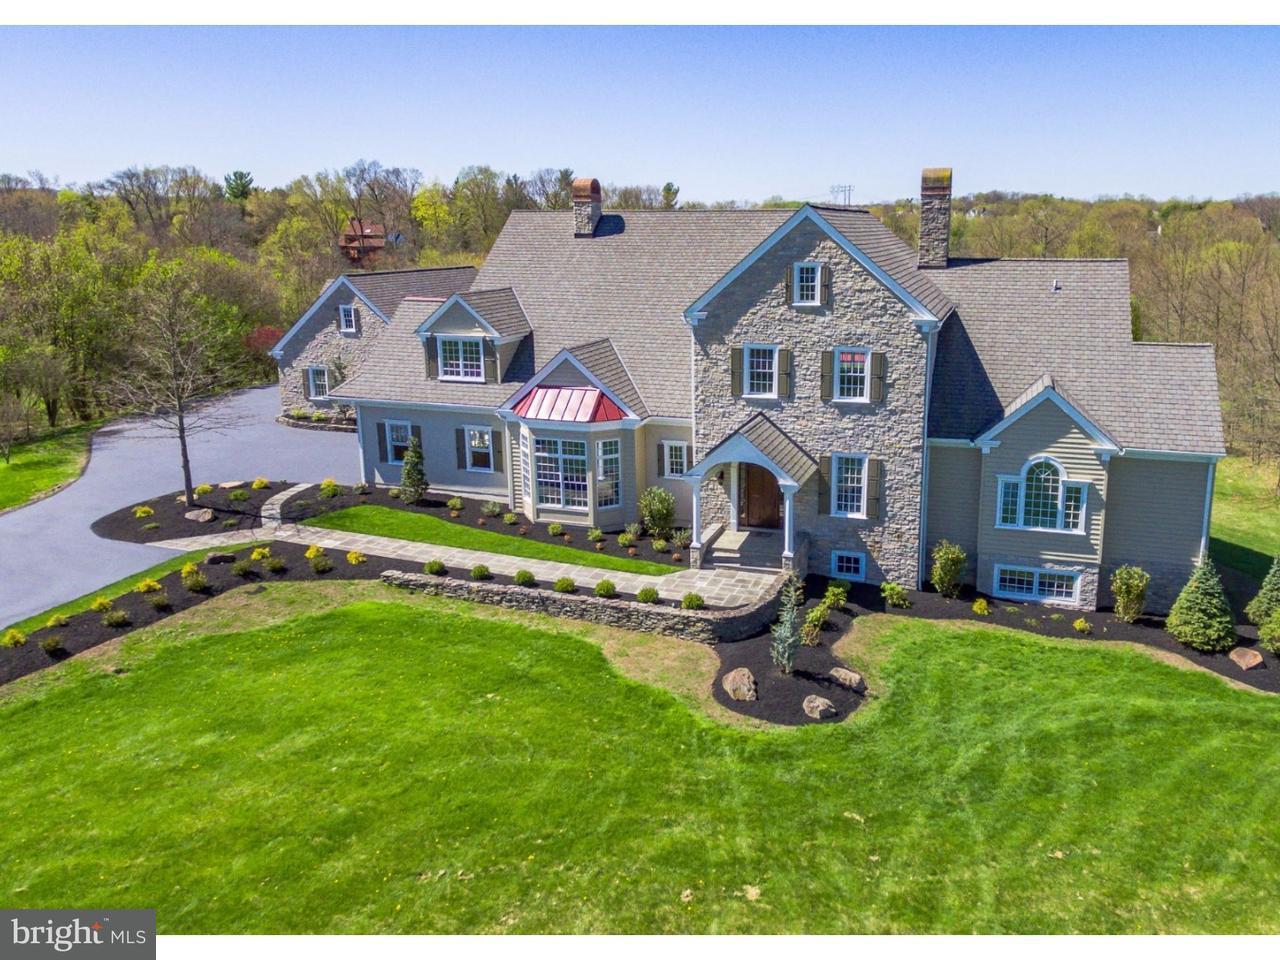 Частный односемейный дом для того Продажа на 3160 DEER CREEK Road Collegeville, Пенсильвания 19426 Соединенные Штаты